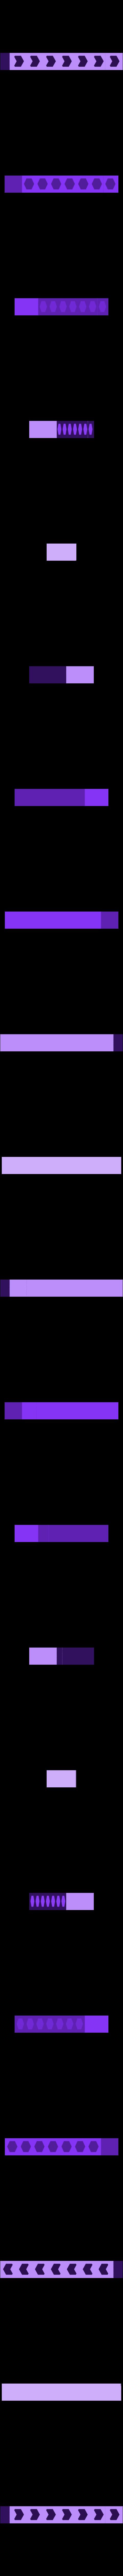 embouts_TX.stl Télécharger fichier STL gratuit Embout de vissage • Design à imprimer en 3D, titi01